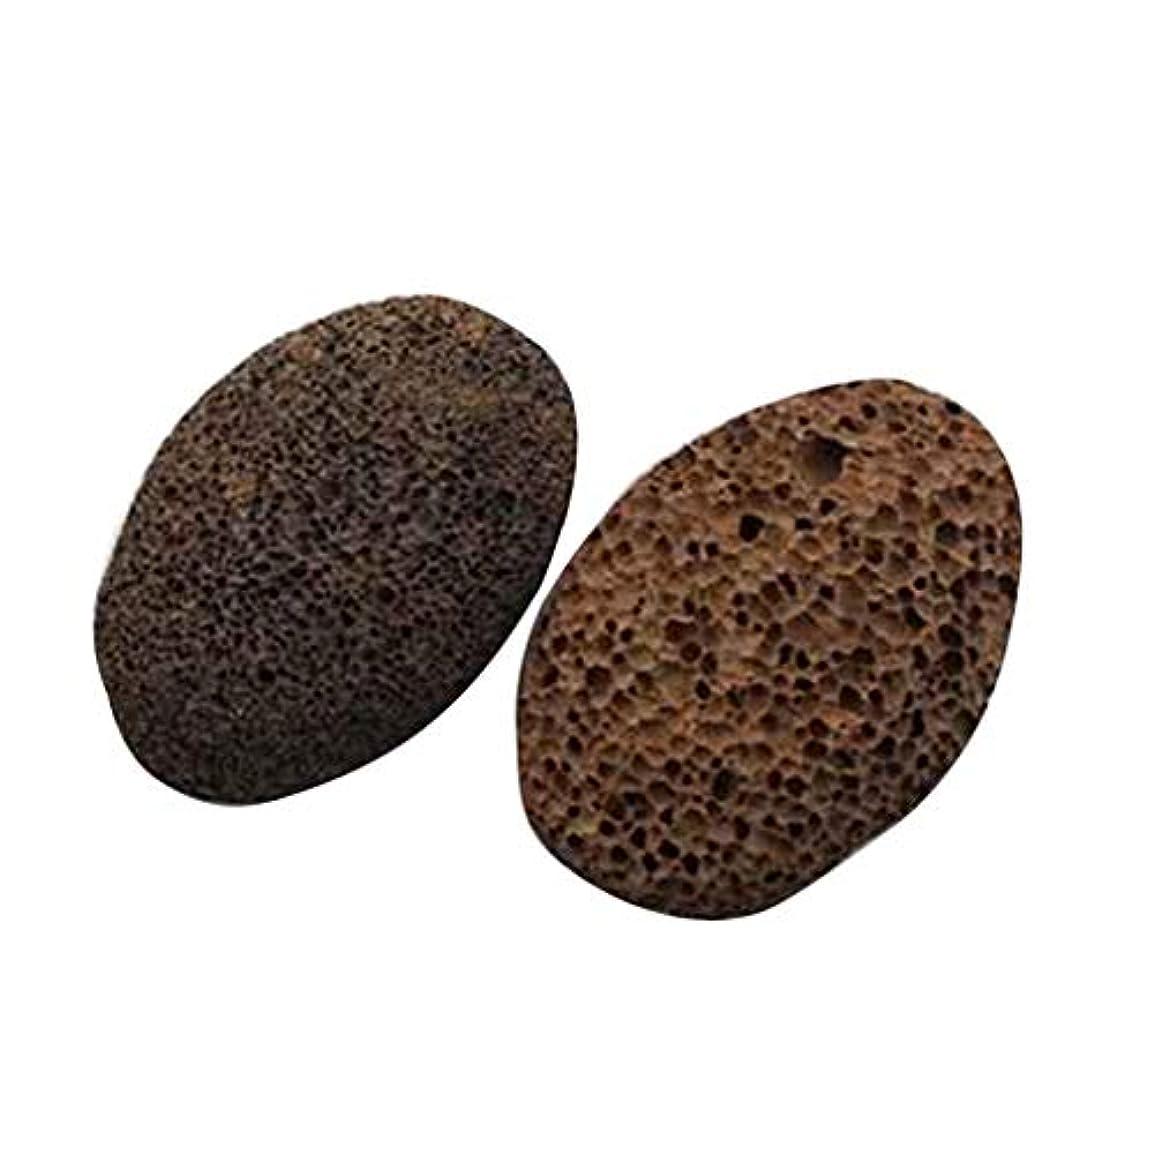 立法ラグ関連付けるVonarly ワイプ足石 死んだ皮軽石を取り除き 足石を挽いて 自然の火山石を剥がします 足マッサージ石 2個セット